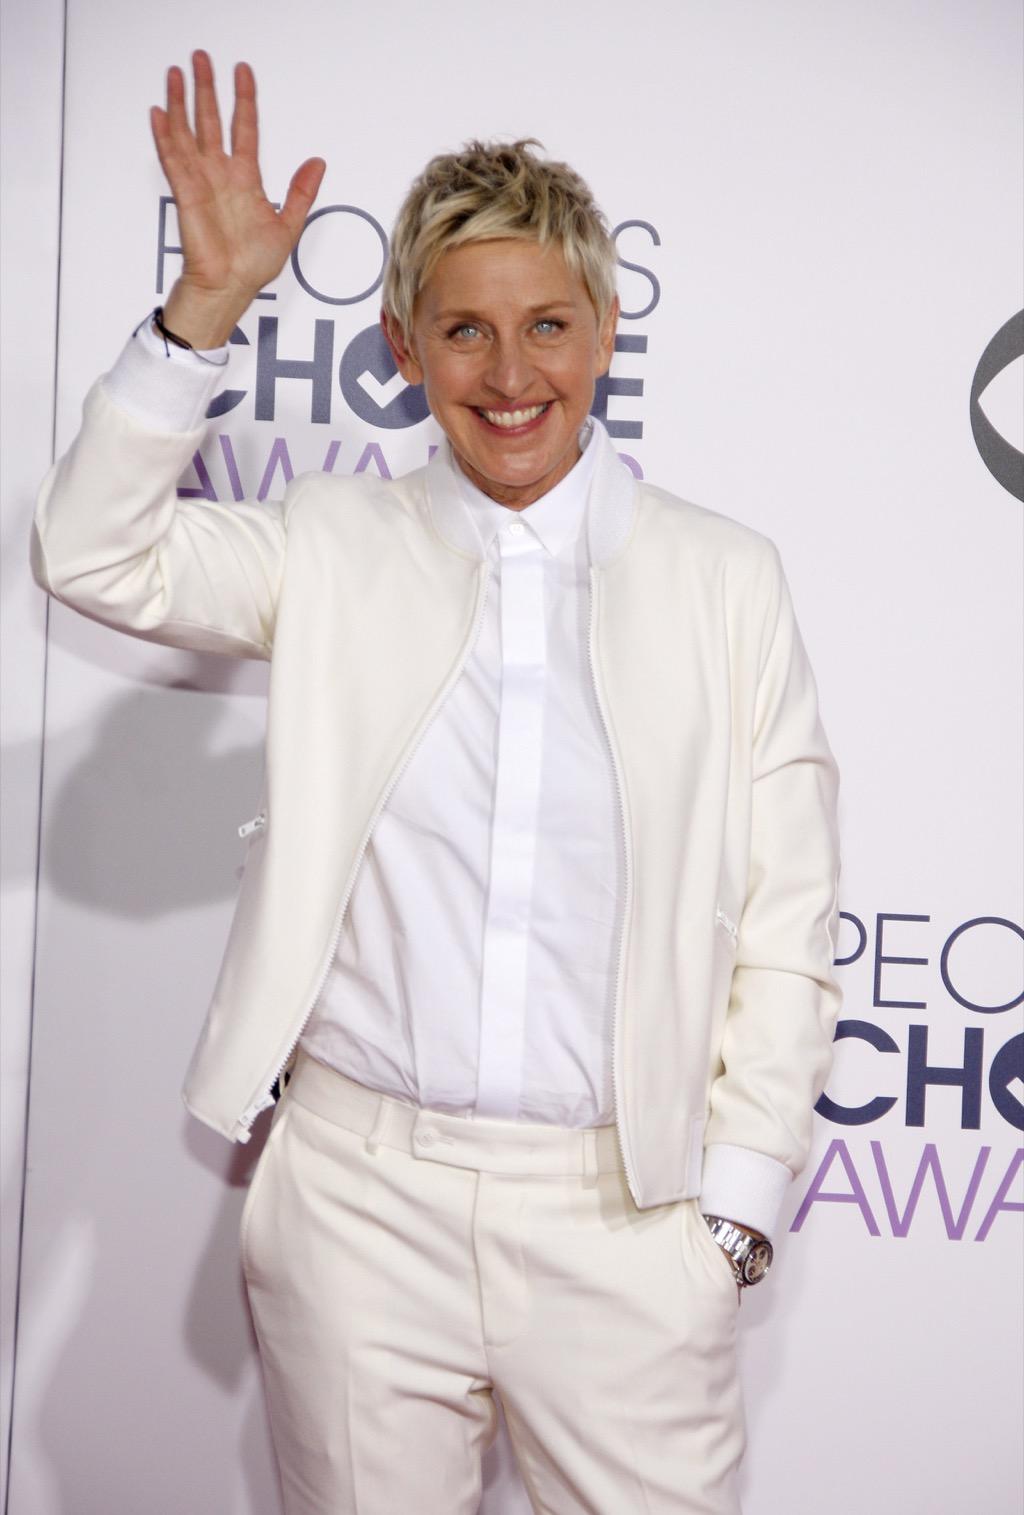 Ellen DeGeneres Jokes From Comedy Legends